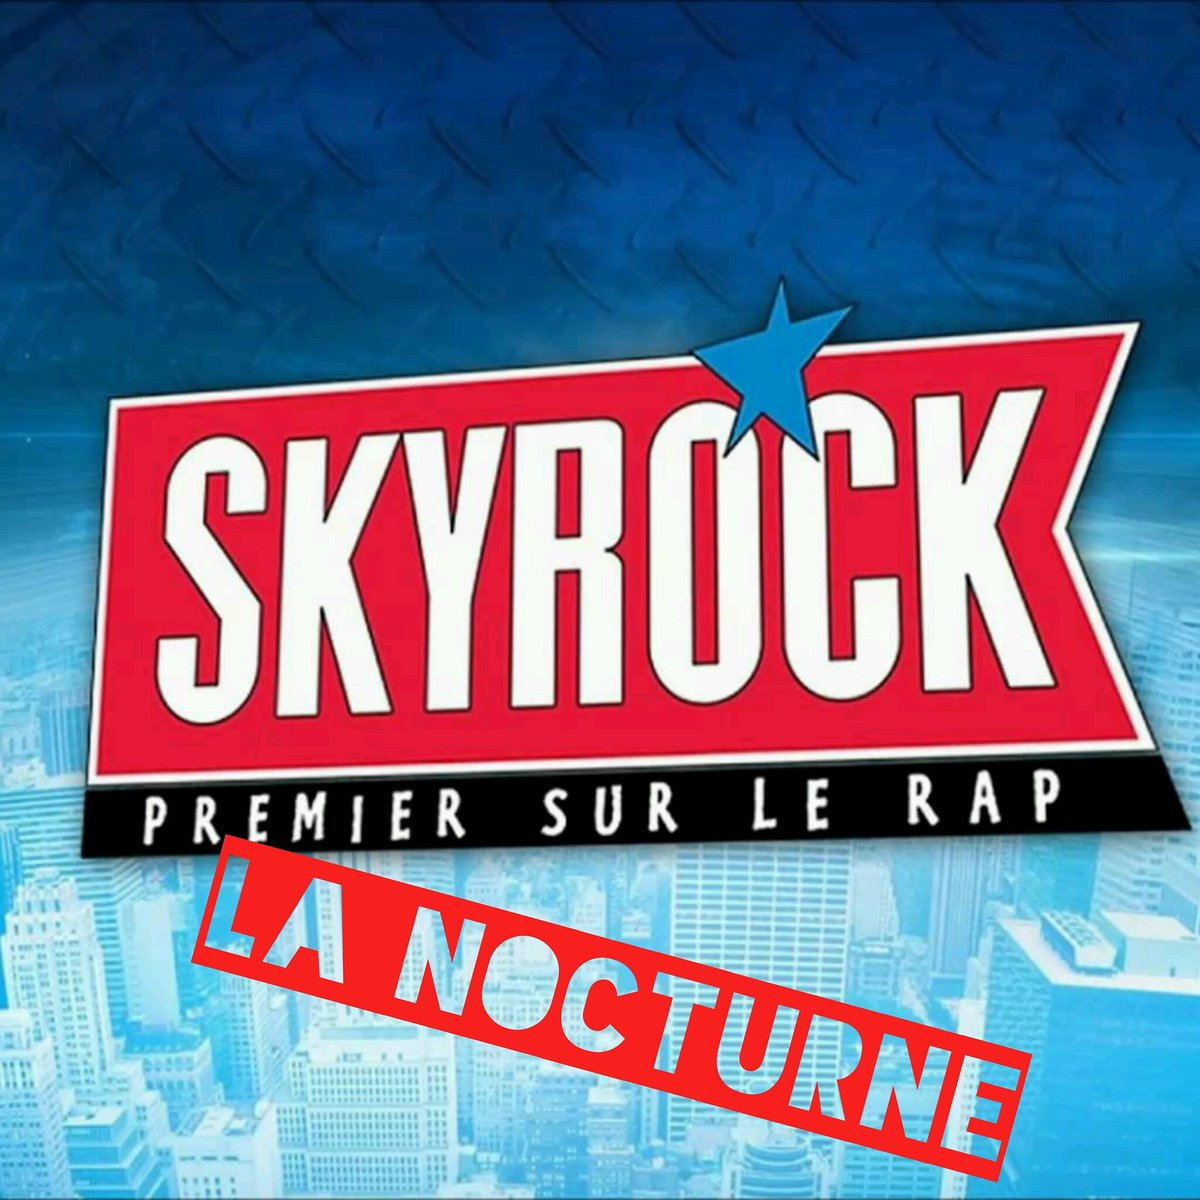 Salutations à tous mes vrais gens! Ce soir à 18h sur ma chaîne #youtube rediffusion de #lanocturne sur @SkyrockFM avec @fredmusa . RT<br>http://pic.twitter.com/c1ZGASNX9y